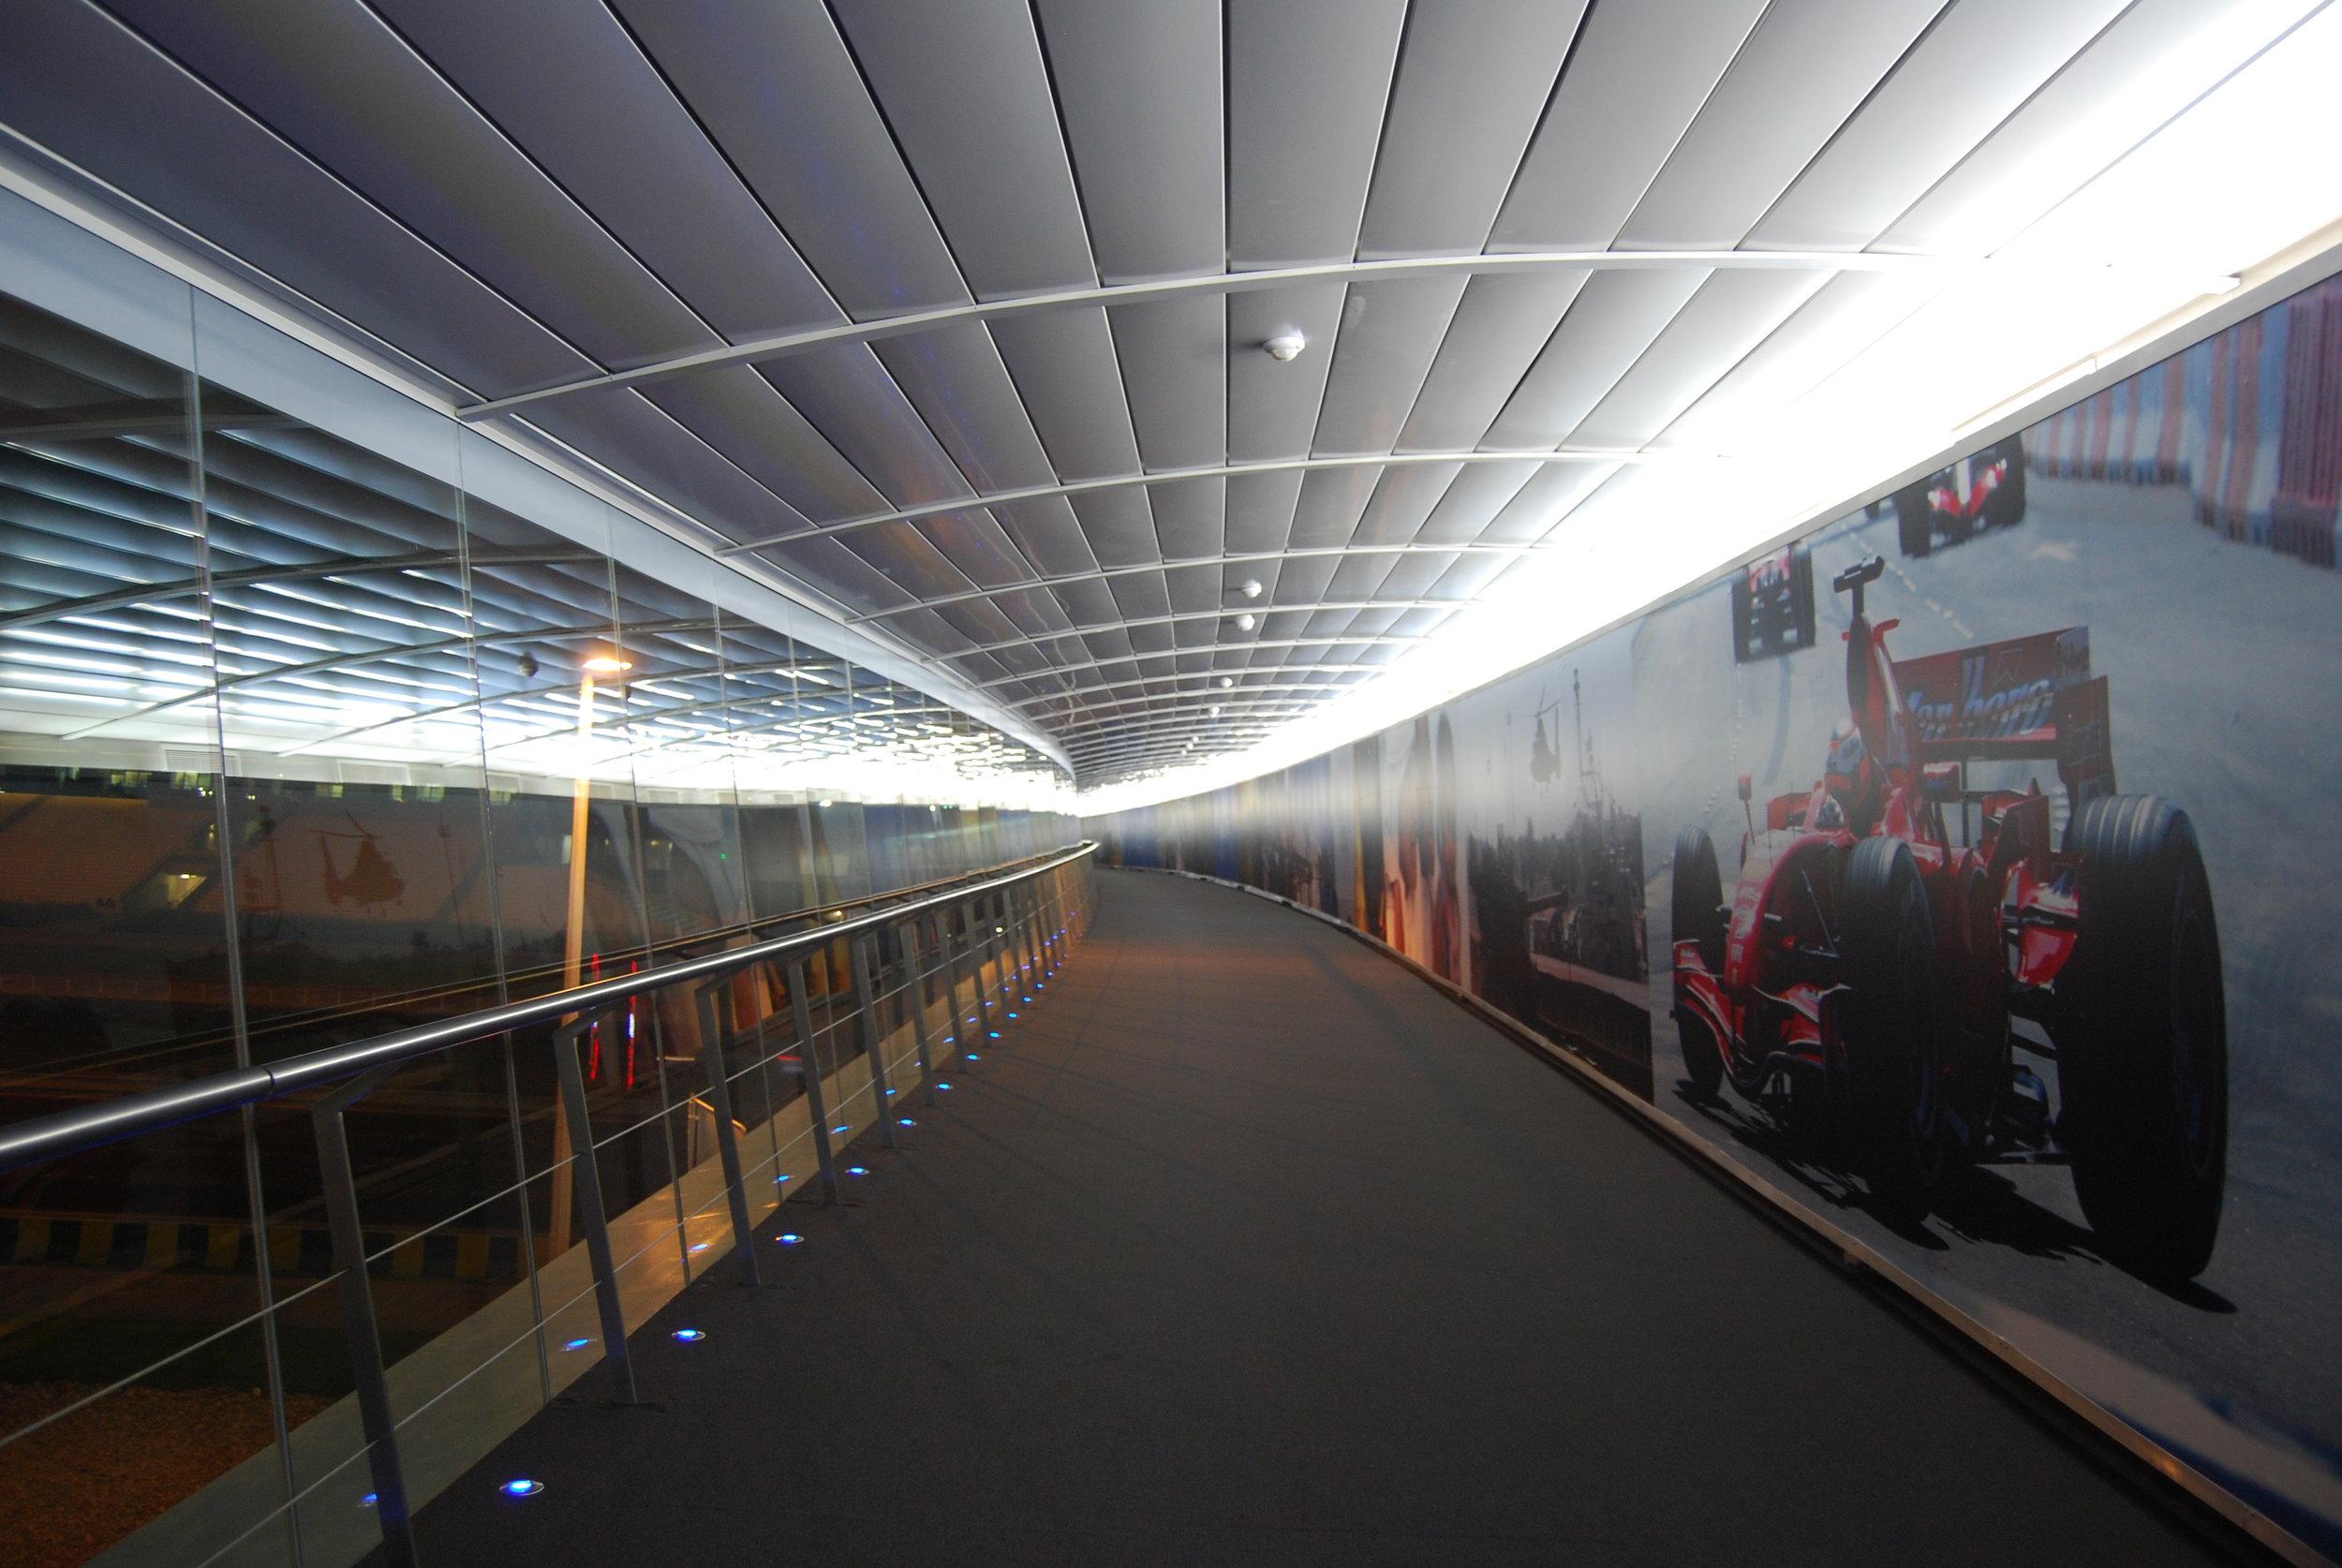 adnec footbridge - interior (1).JPG